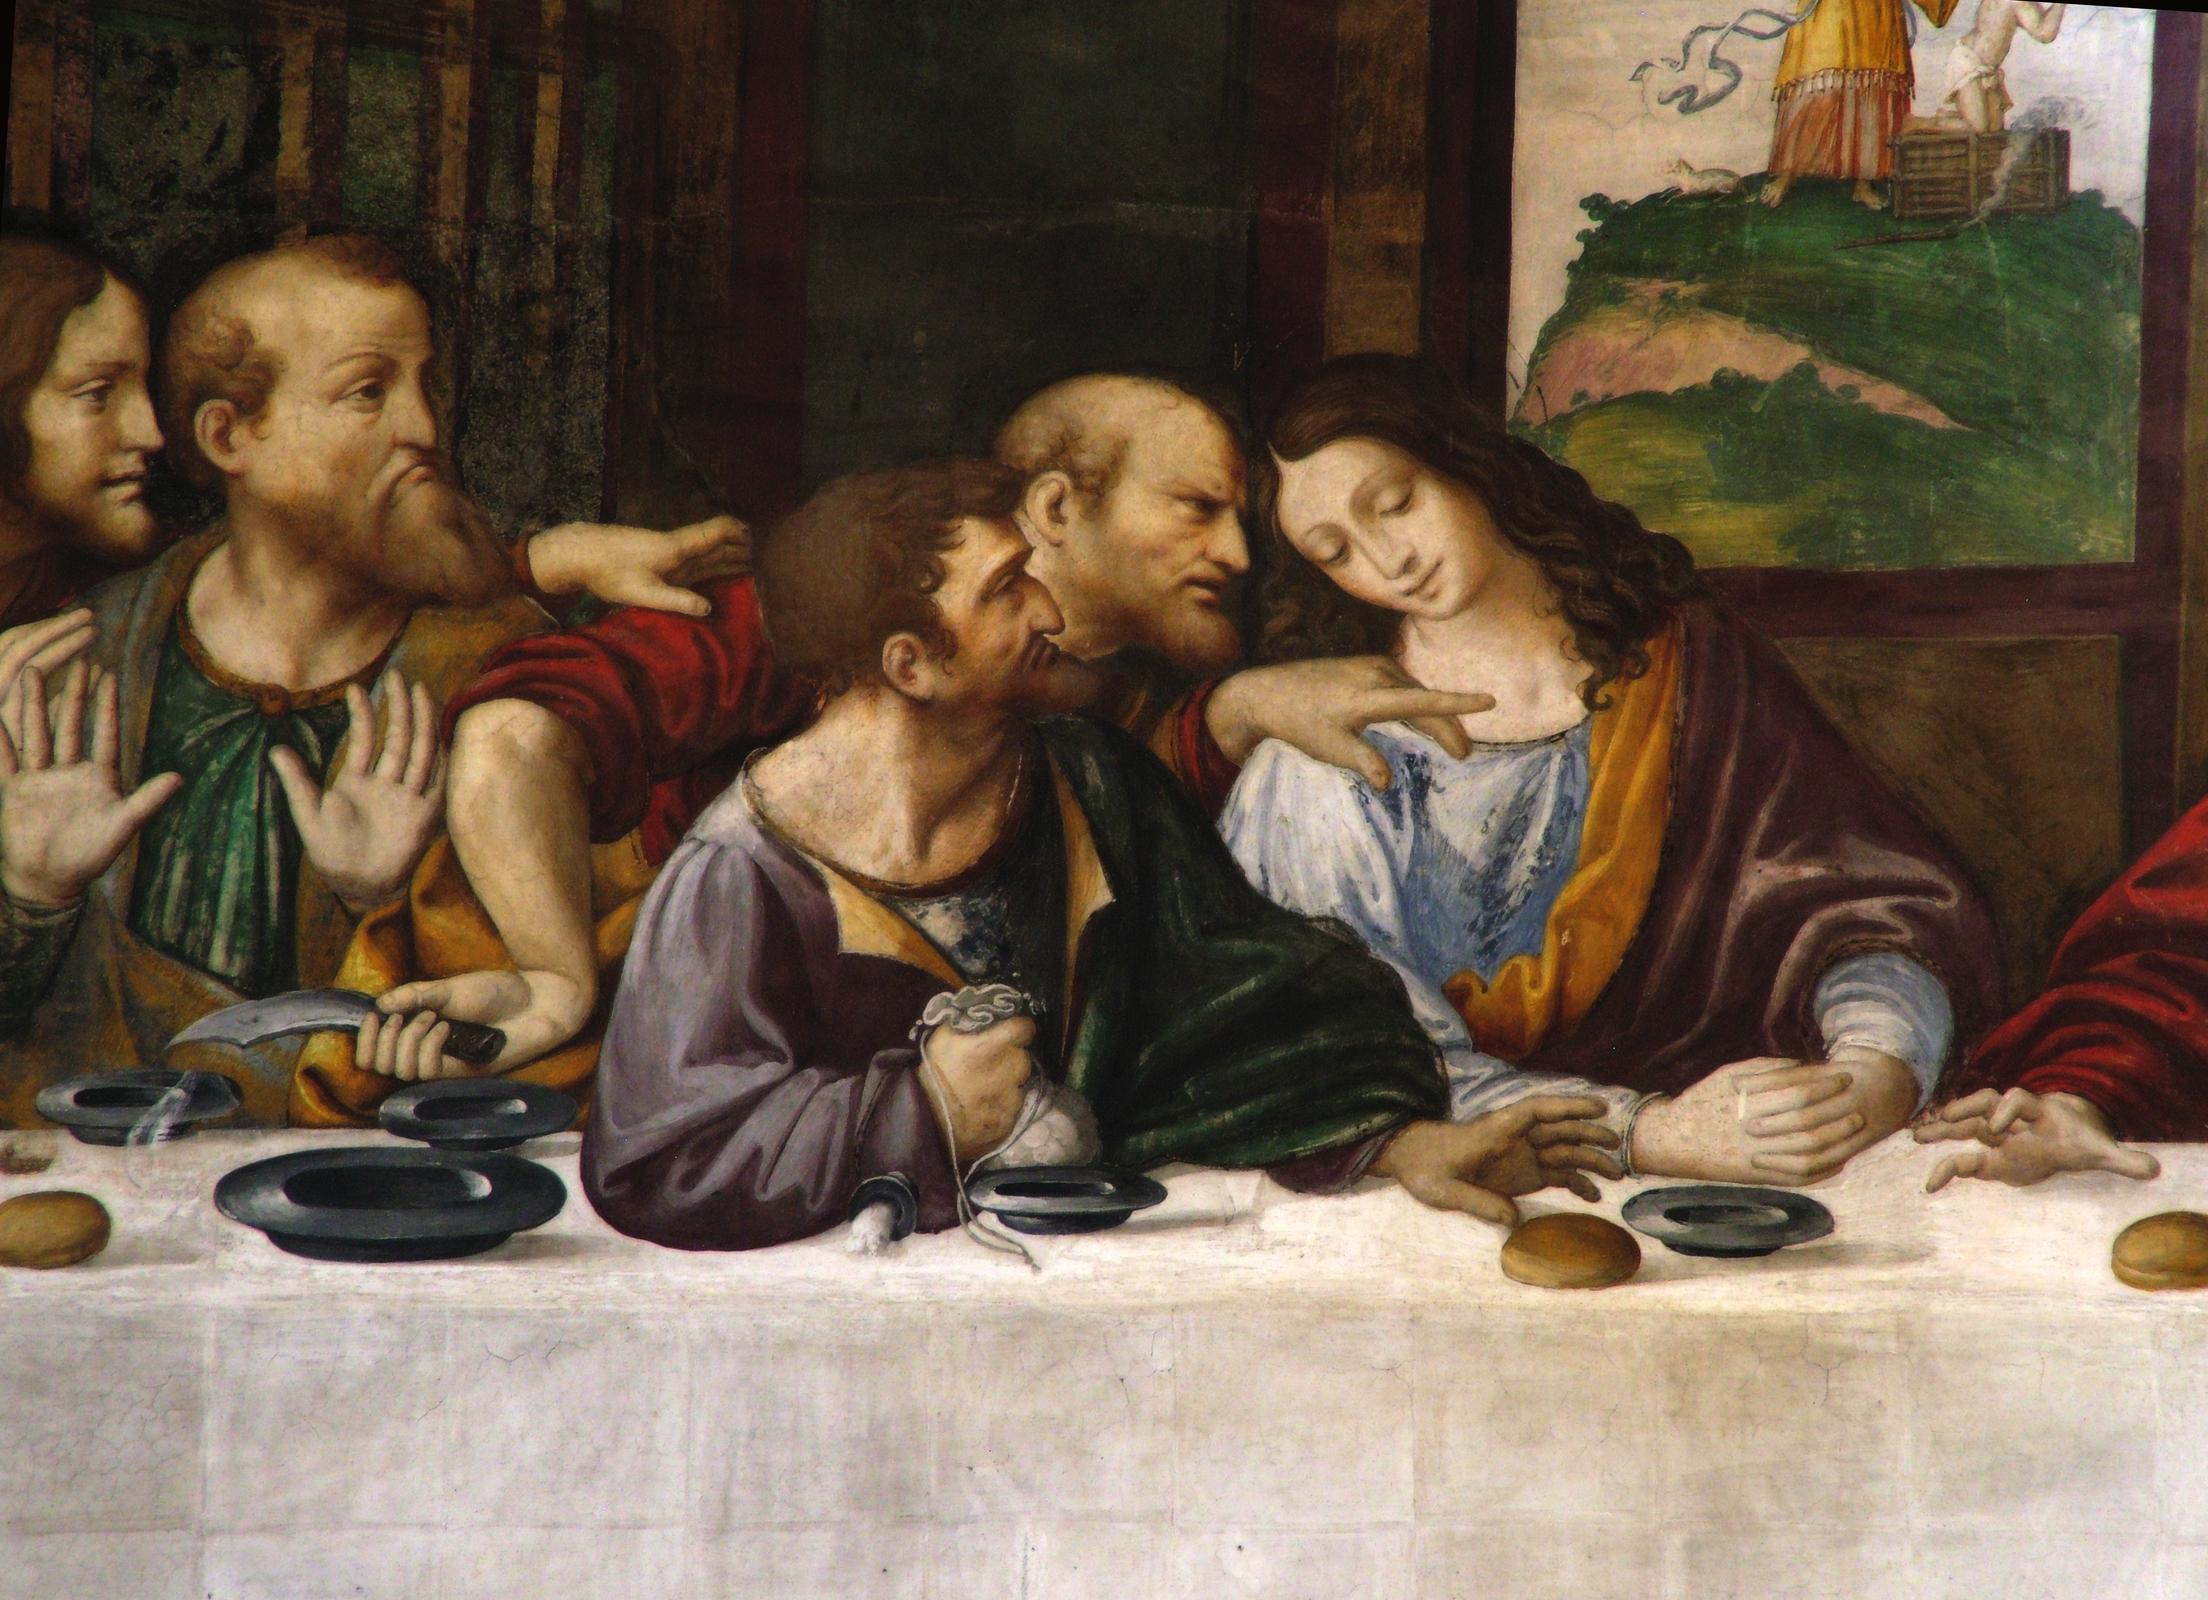 File:Ultima Cena (copia) - dettaglio.jpg - Wikimedia Commons Da Vinci Last Supper Restored